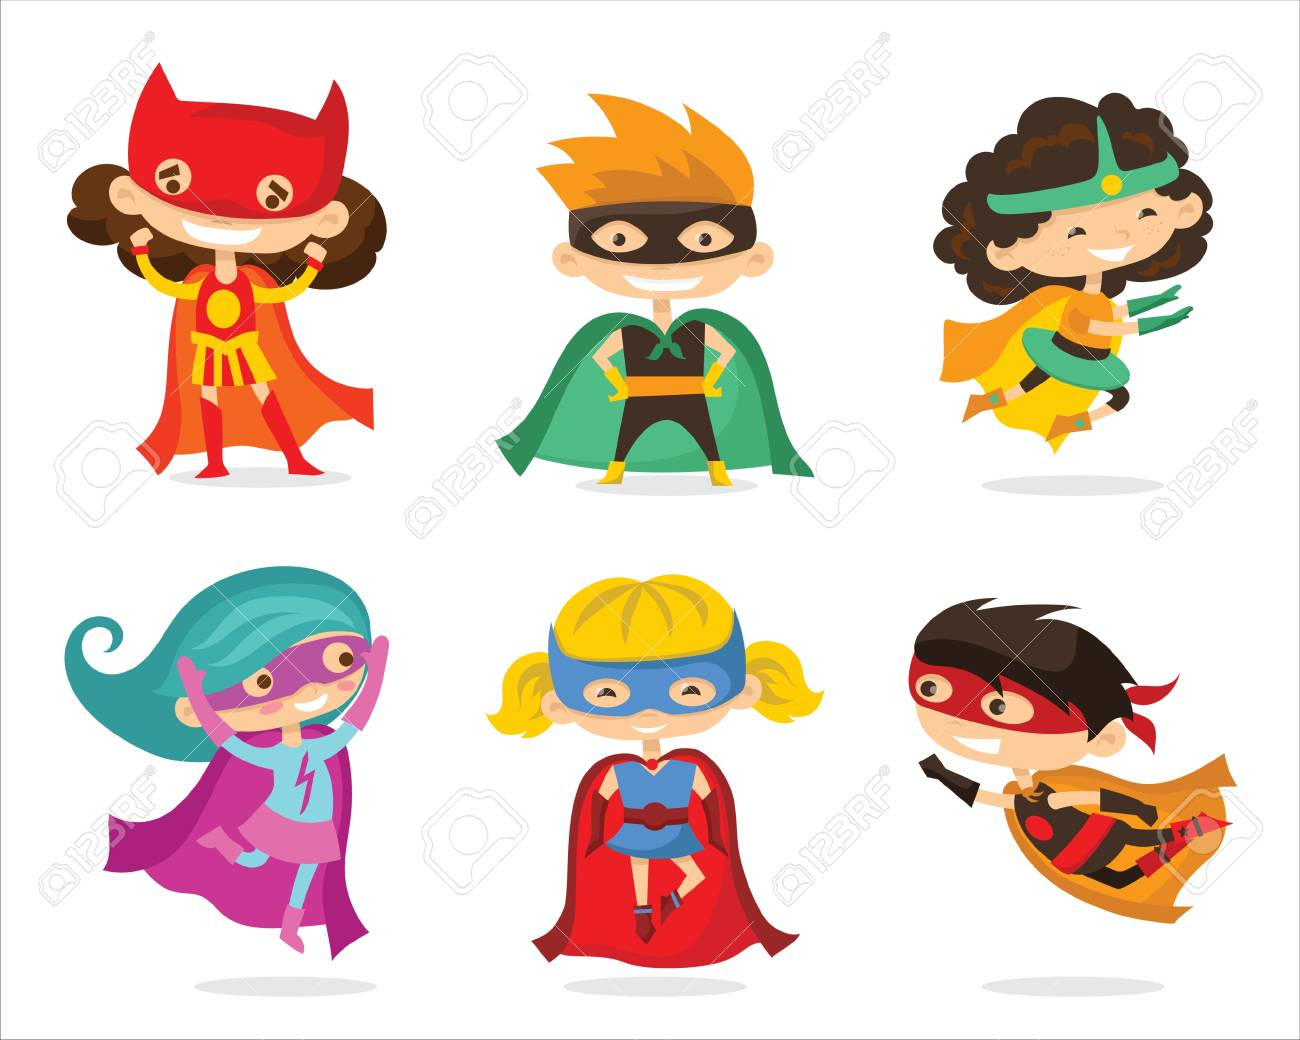 Illustration De Vecteur De Dessin Anime De Super Heros Enfants Clip Art Libres De Droits Vecteurs Et Illustration Image 93215644